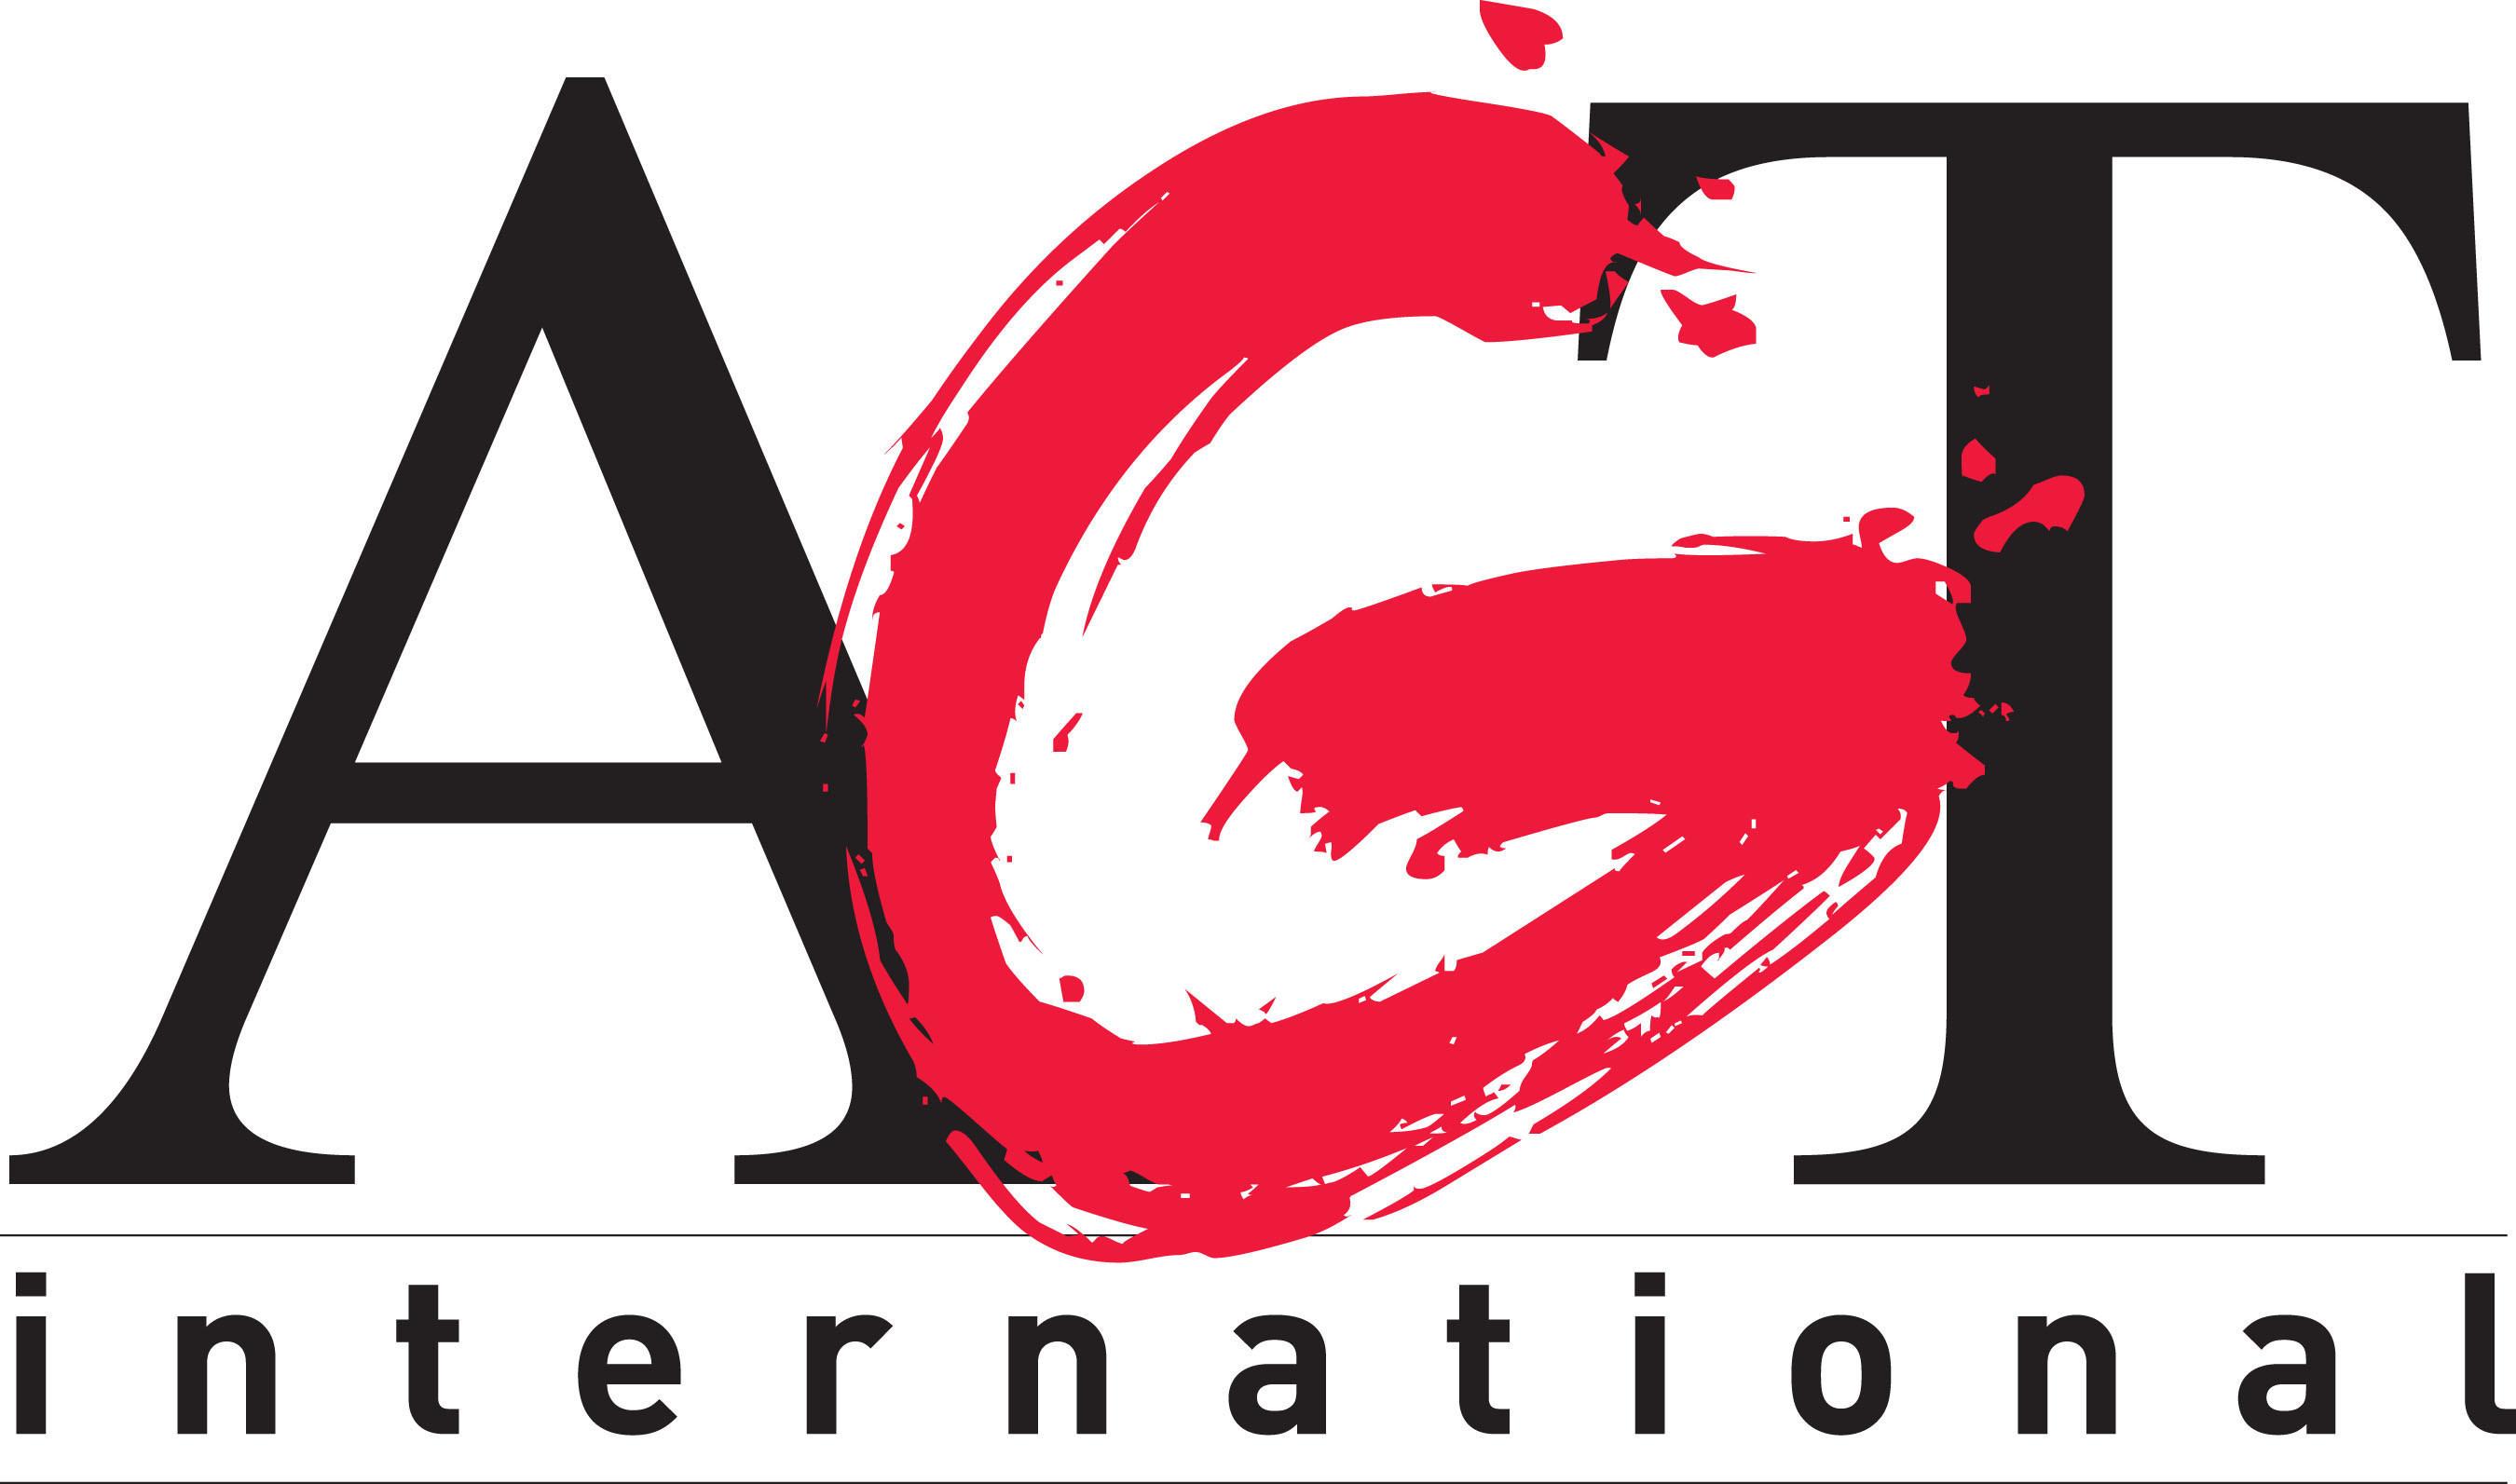 AGT International kündigt IoTA an  - Erste Analytik-Plattform für das Internet der Dinge soll